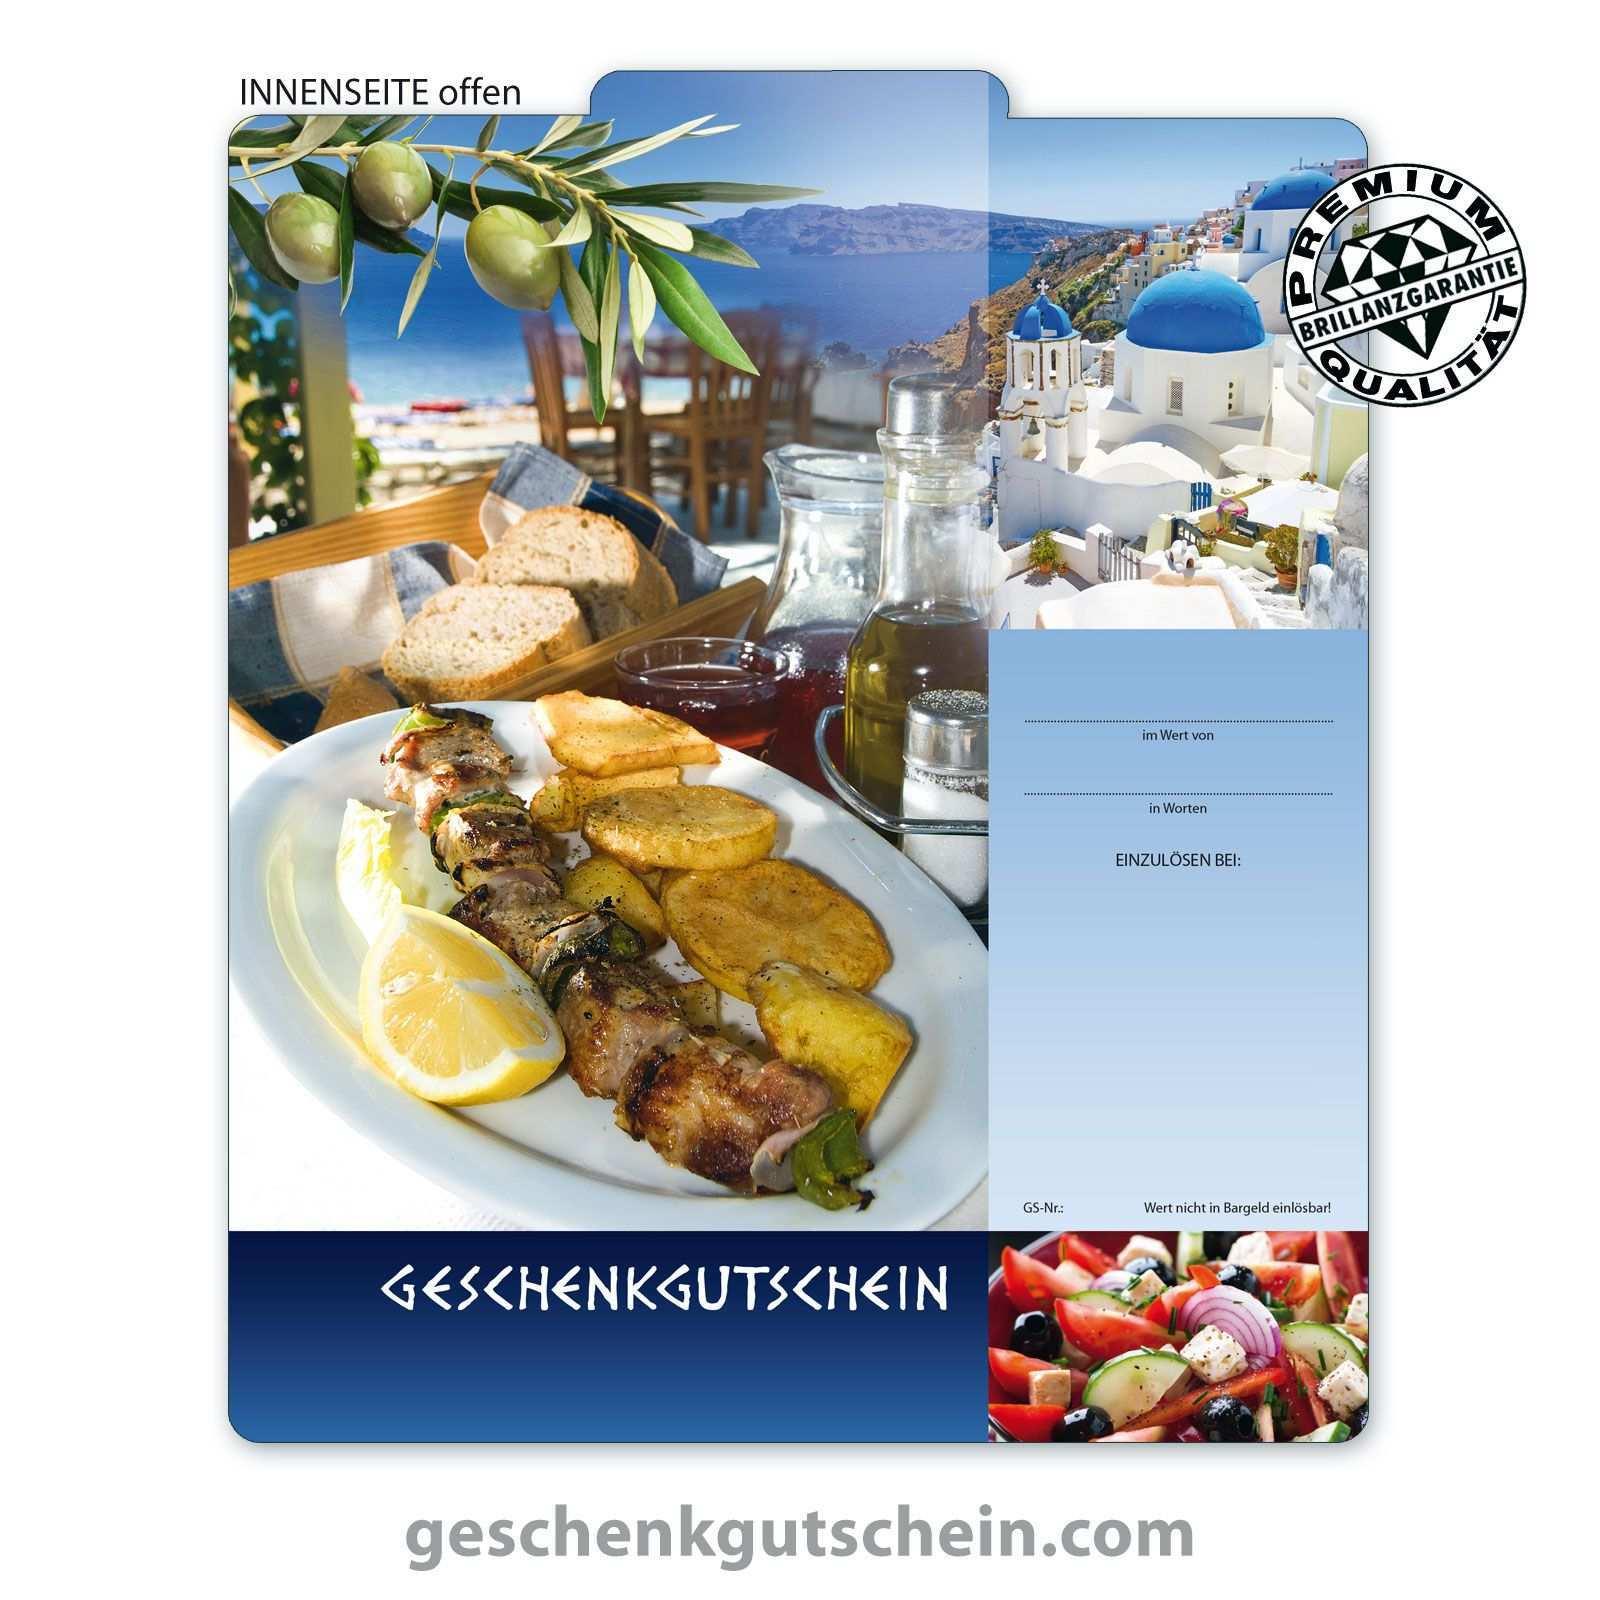 Gutscheinvorlage Fur Griechische Restaurant Griechen Greek Gutschein Fur Restaurant Essen Eatout Griechisches Restaurant Gutscheine Griechisches Essen